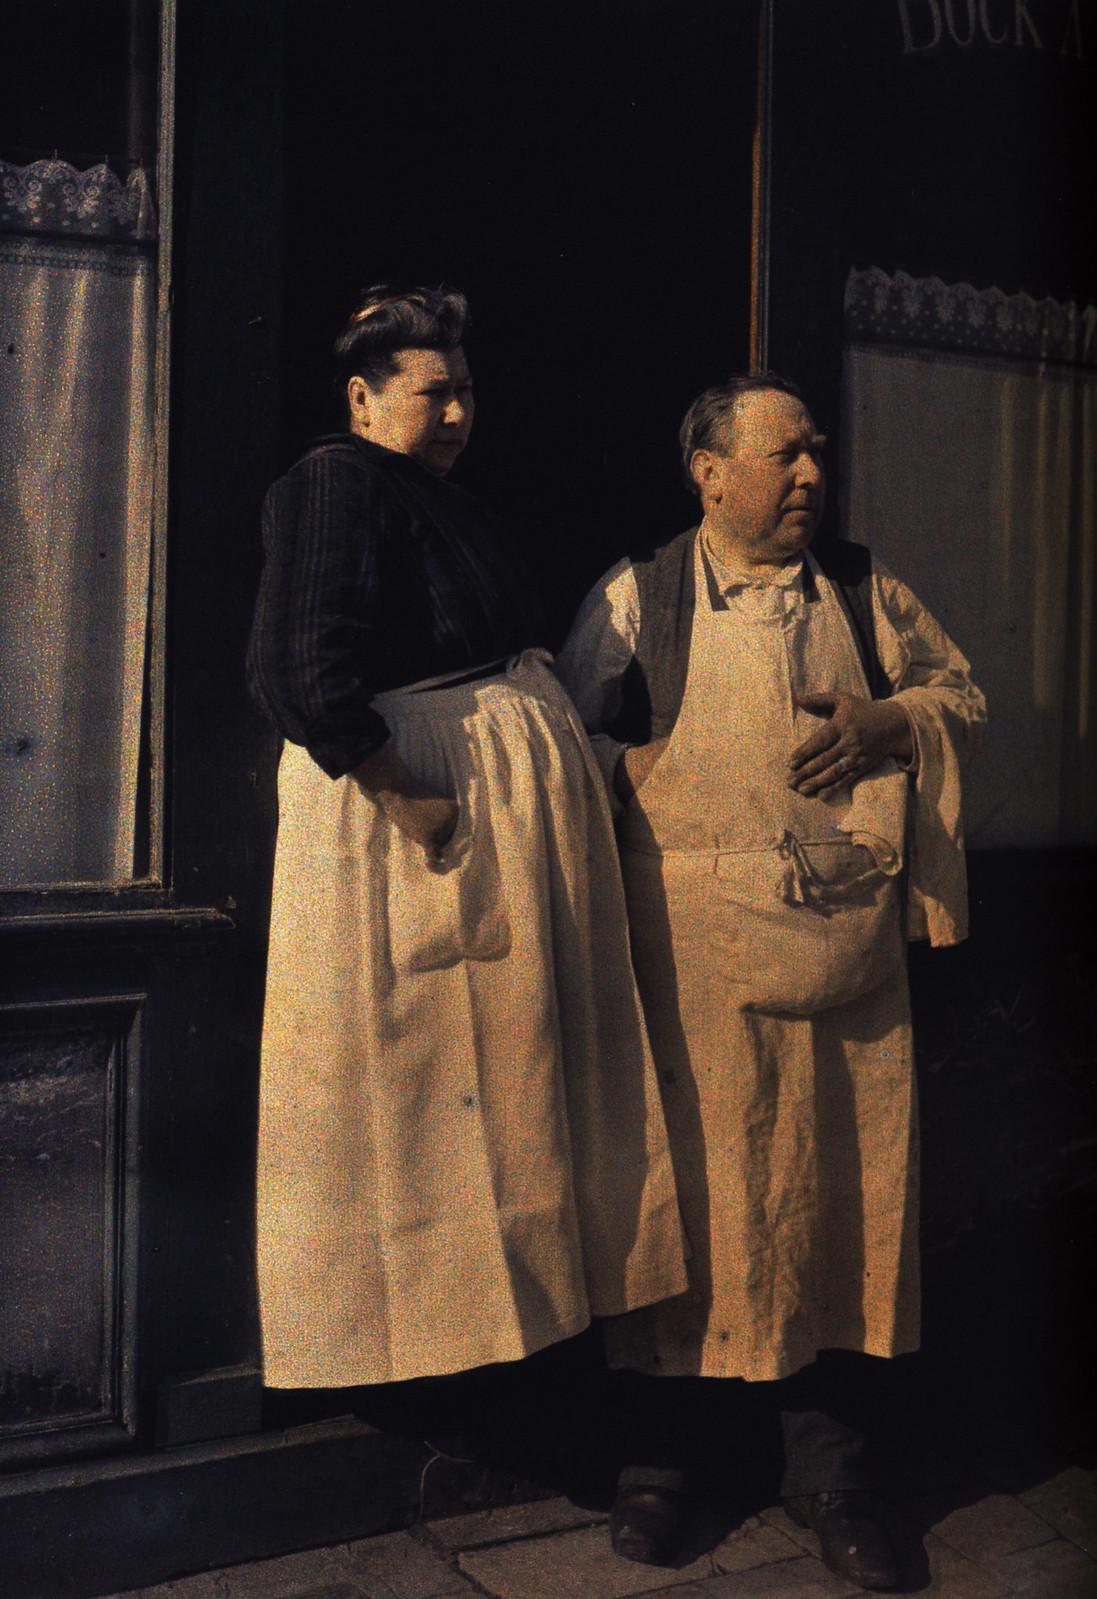 1917. Хозяева ресторана в Реймсе, 6 апреля